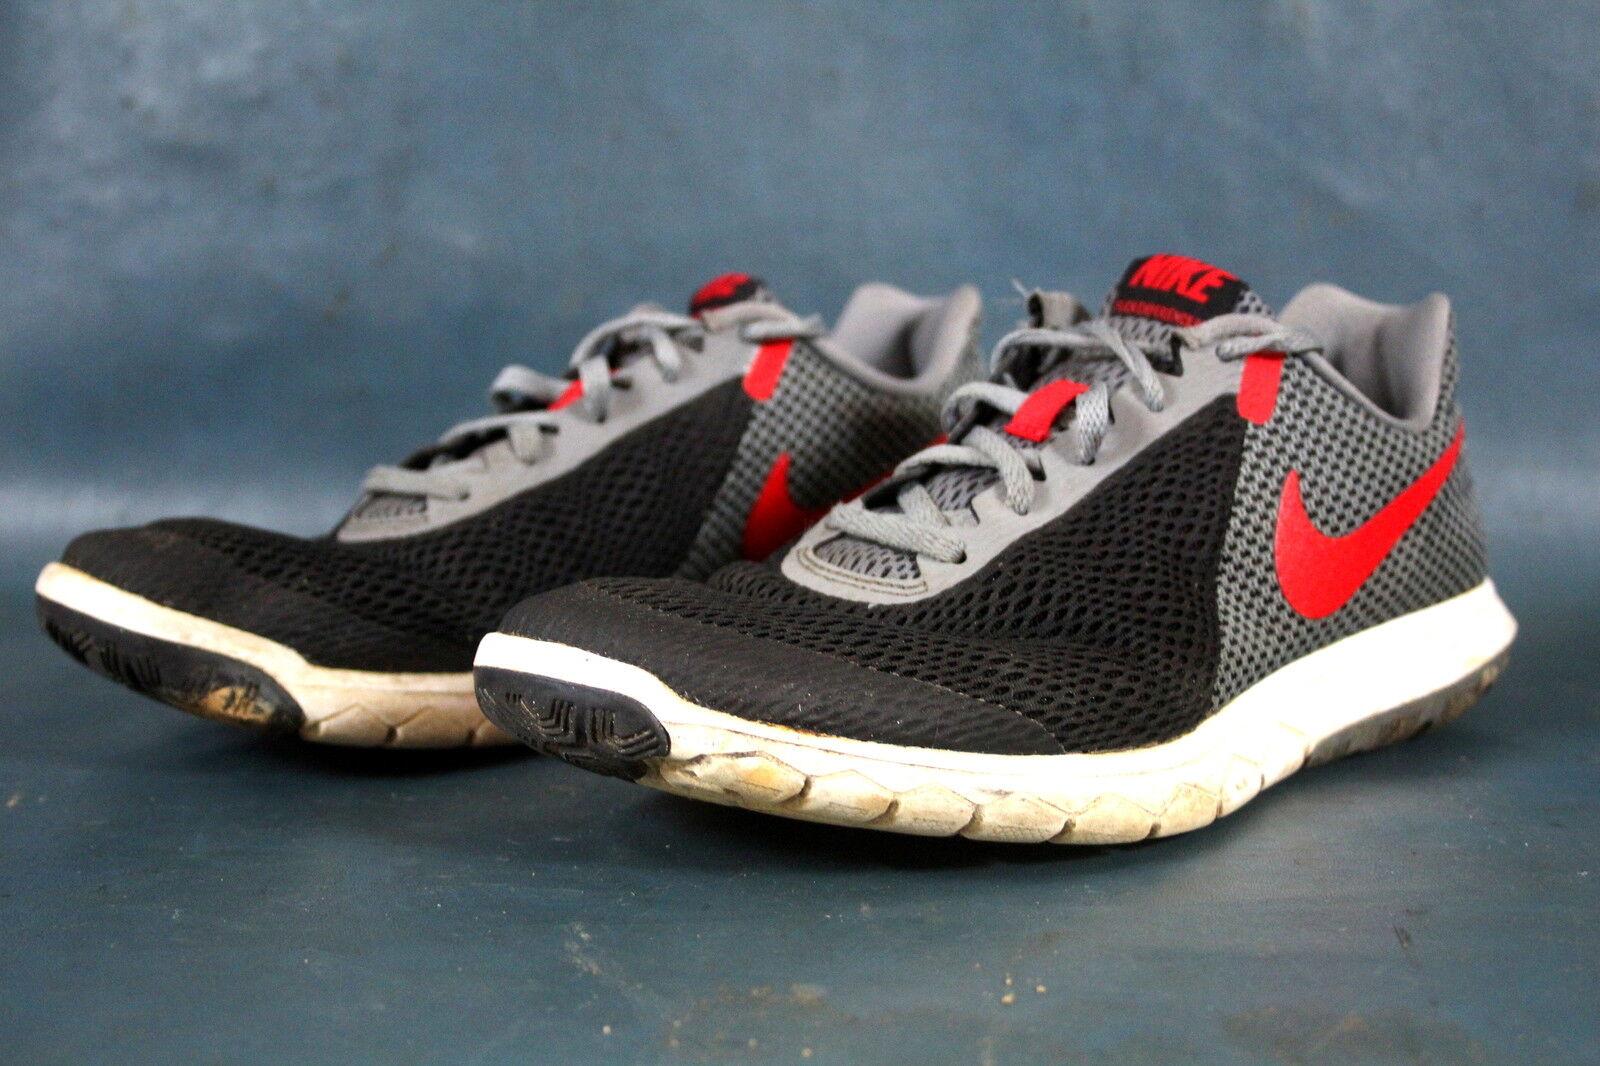 nike - flex esperienza rn 6 uomini uomini uomini 881802-011 rosso grigio scarpe taglia 10,5 | Sale Italia  | Di Progettazione Professionale  | Conosciuto per la sua eccellente qualità  | Uomini/Donne Scarpa  deac73